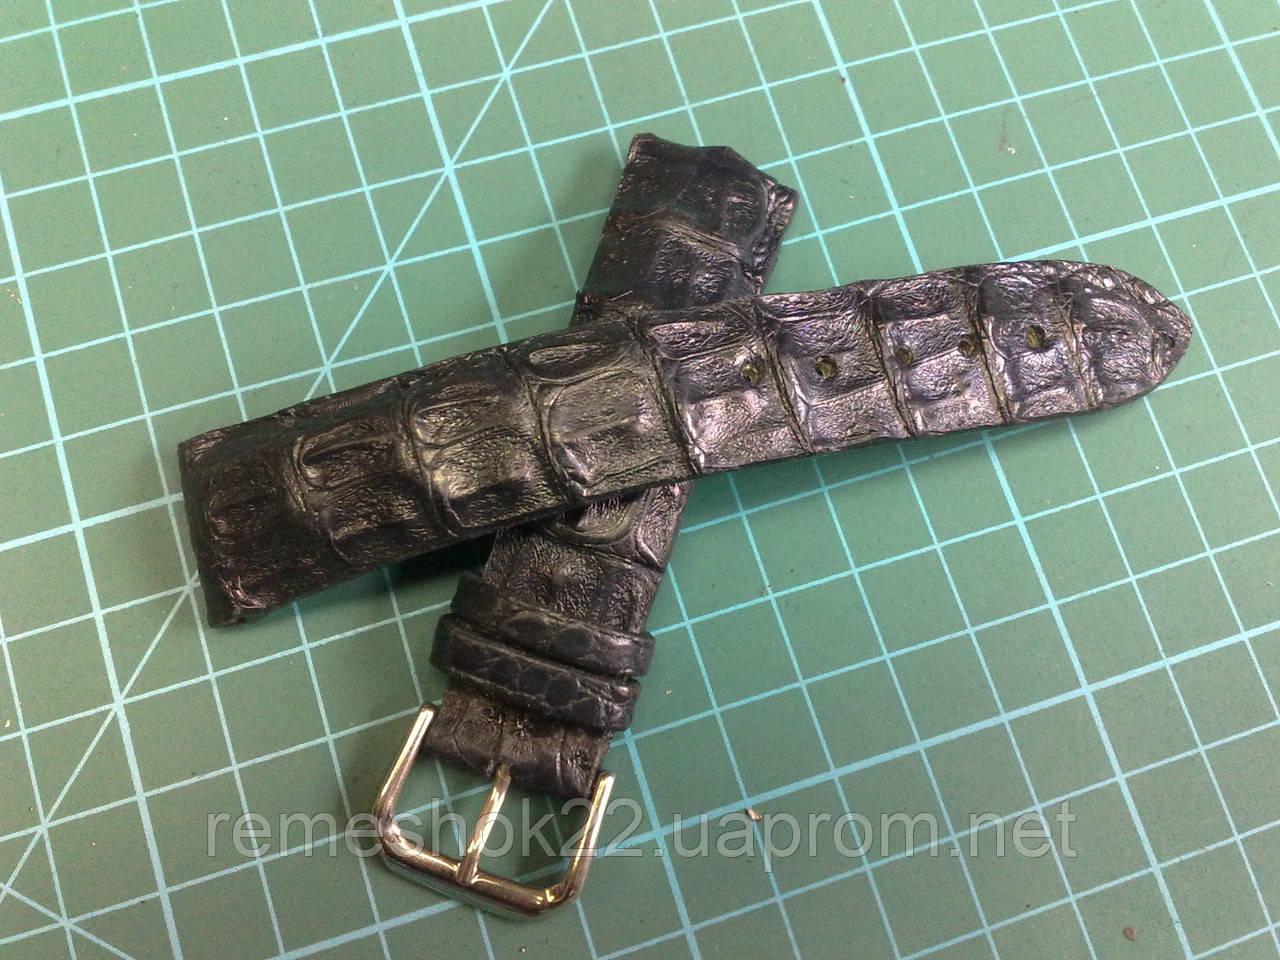 Ремешок из Крокодила для часов Breitling  - ремонт сумок, портфелей ,чемоданов, обуви, фурнитуры.ремешки для часов в Киеве